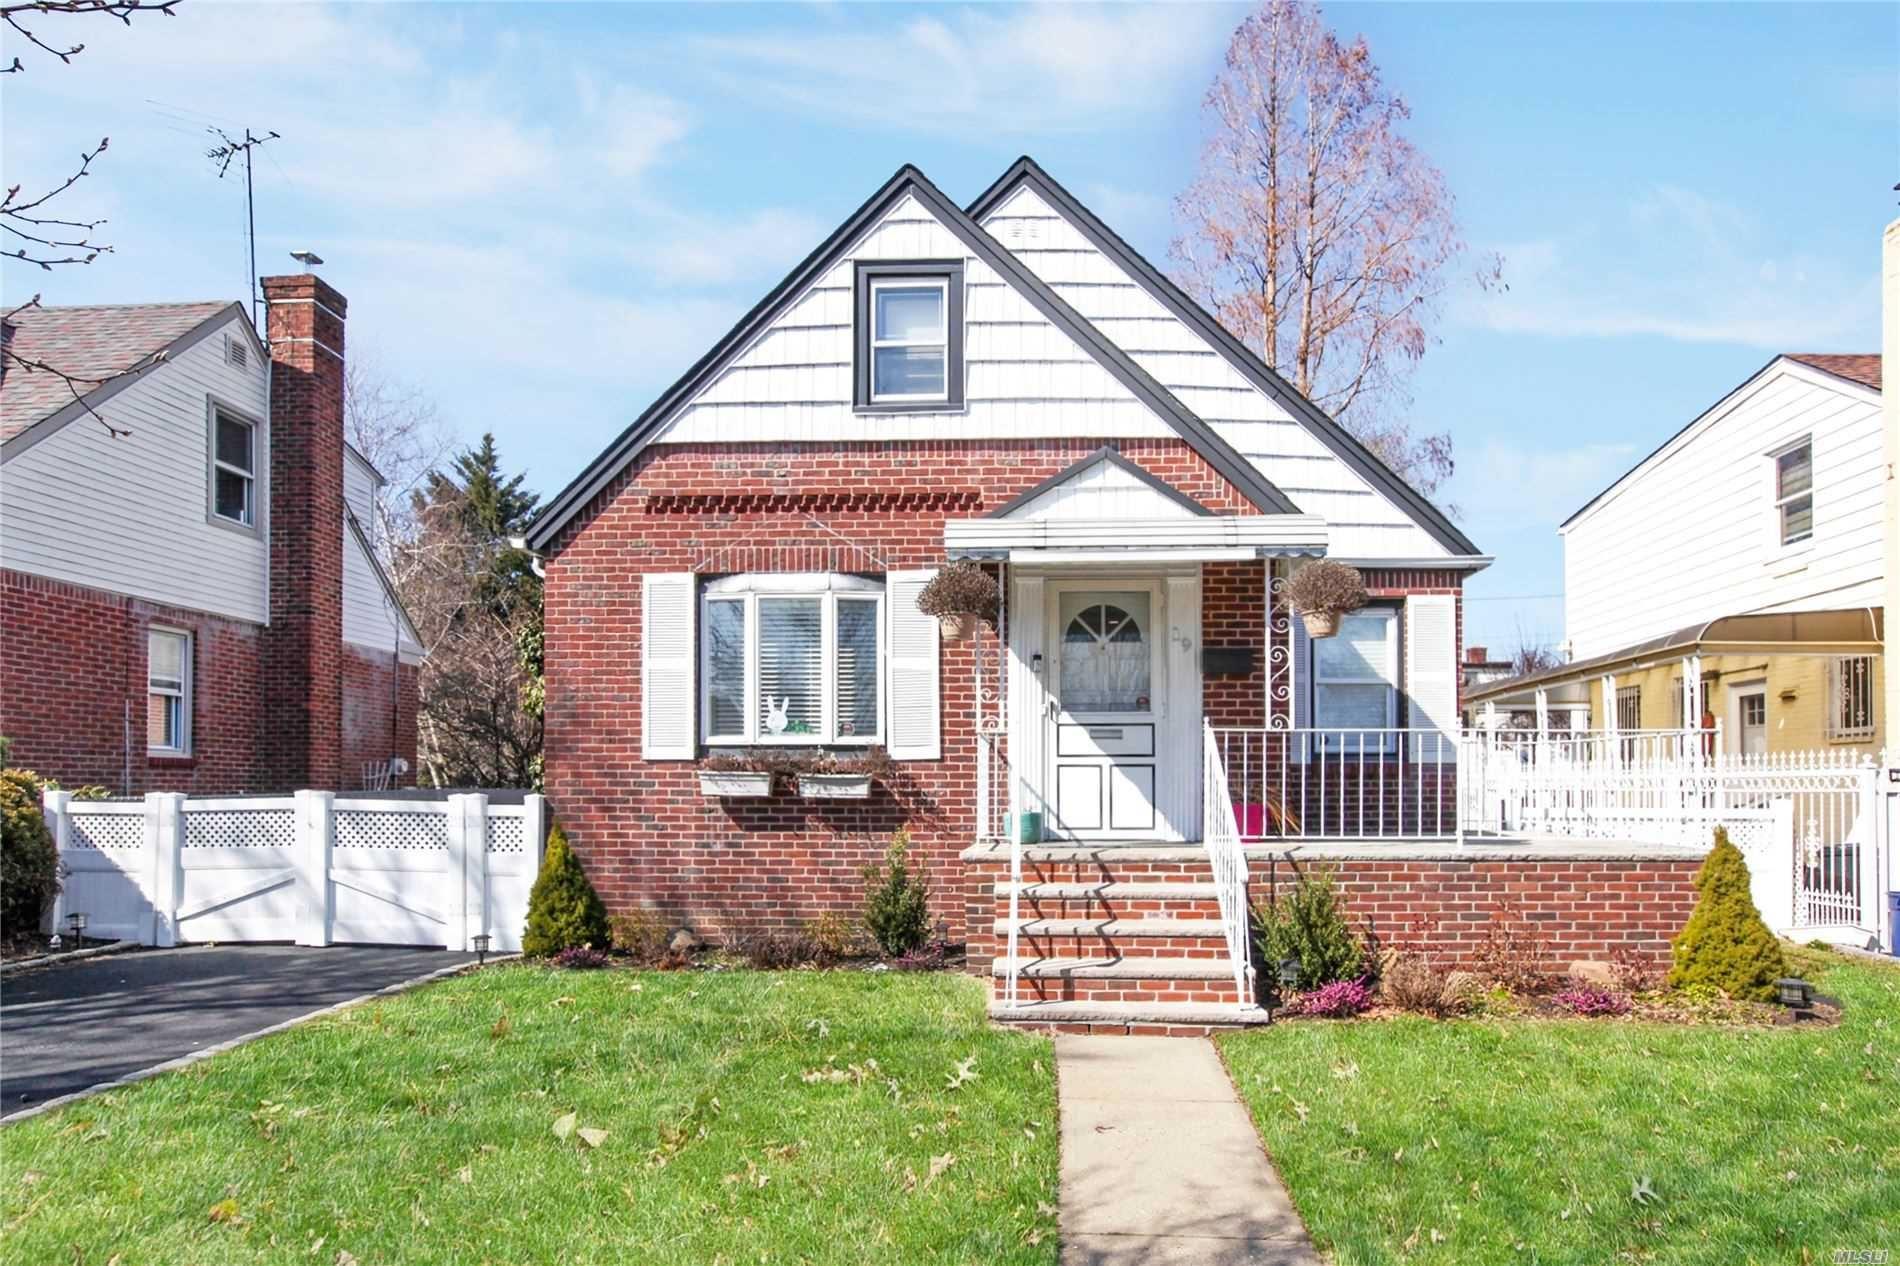 19 Hillside Lane, New Hyde Park, NY 11040 - MLS#: 3205625